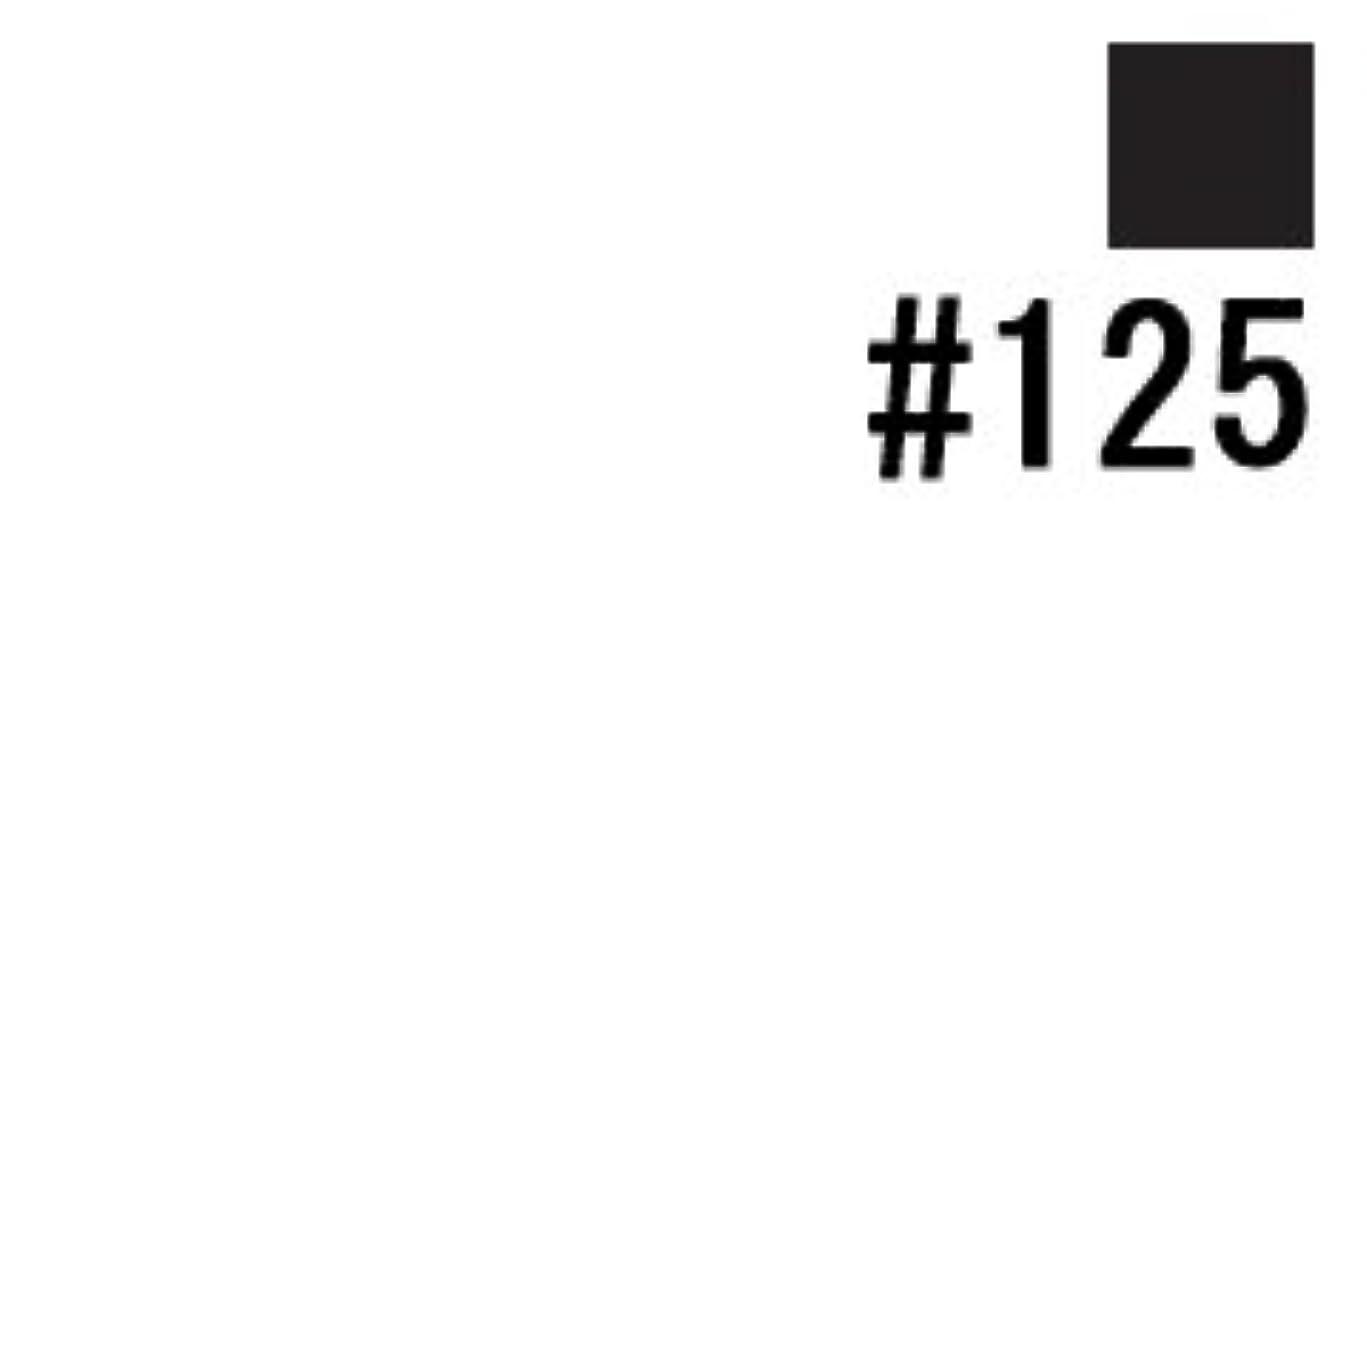 ボクシング内部電気【レブロン】パヒューマリー センティド ネイルエナメル #125 11.7ml [並行輸入品]